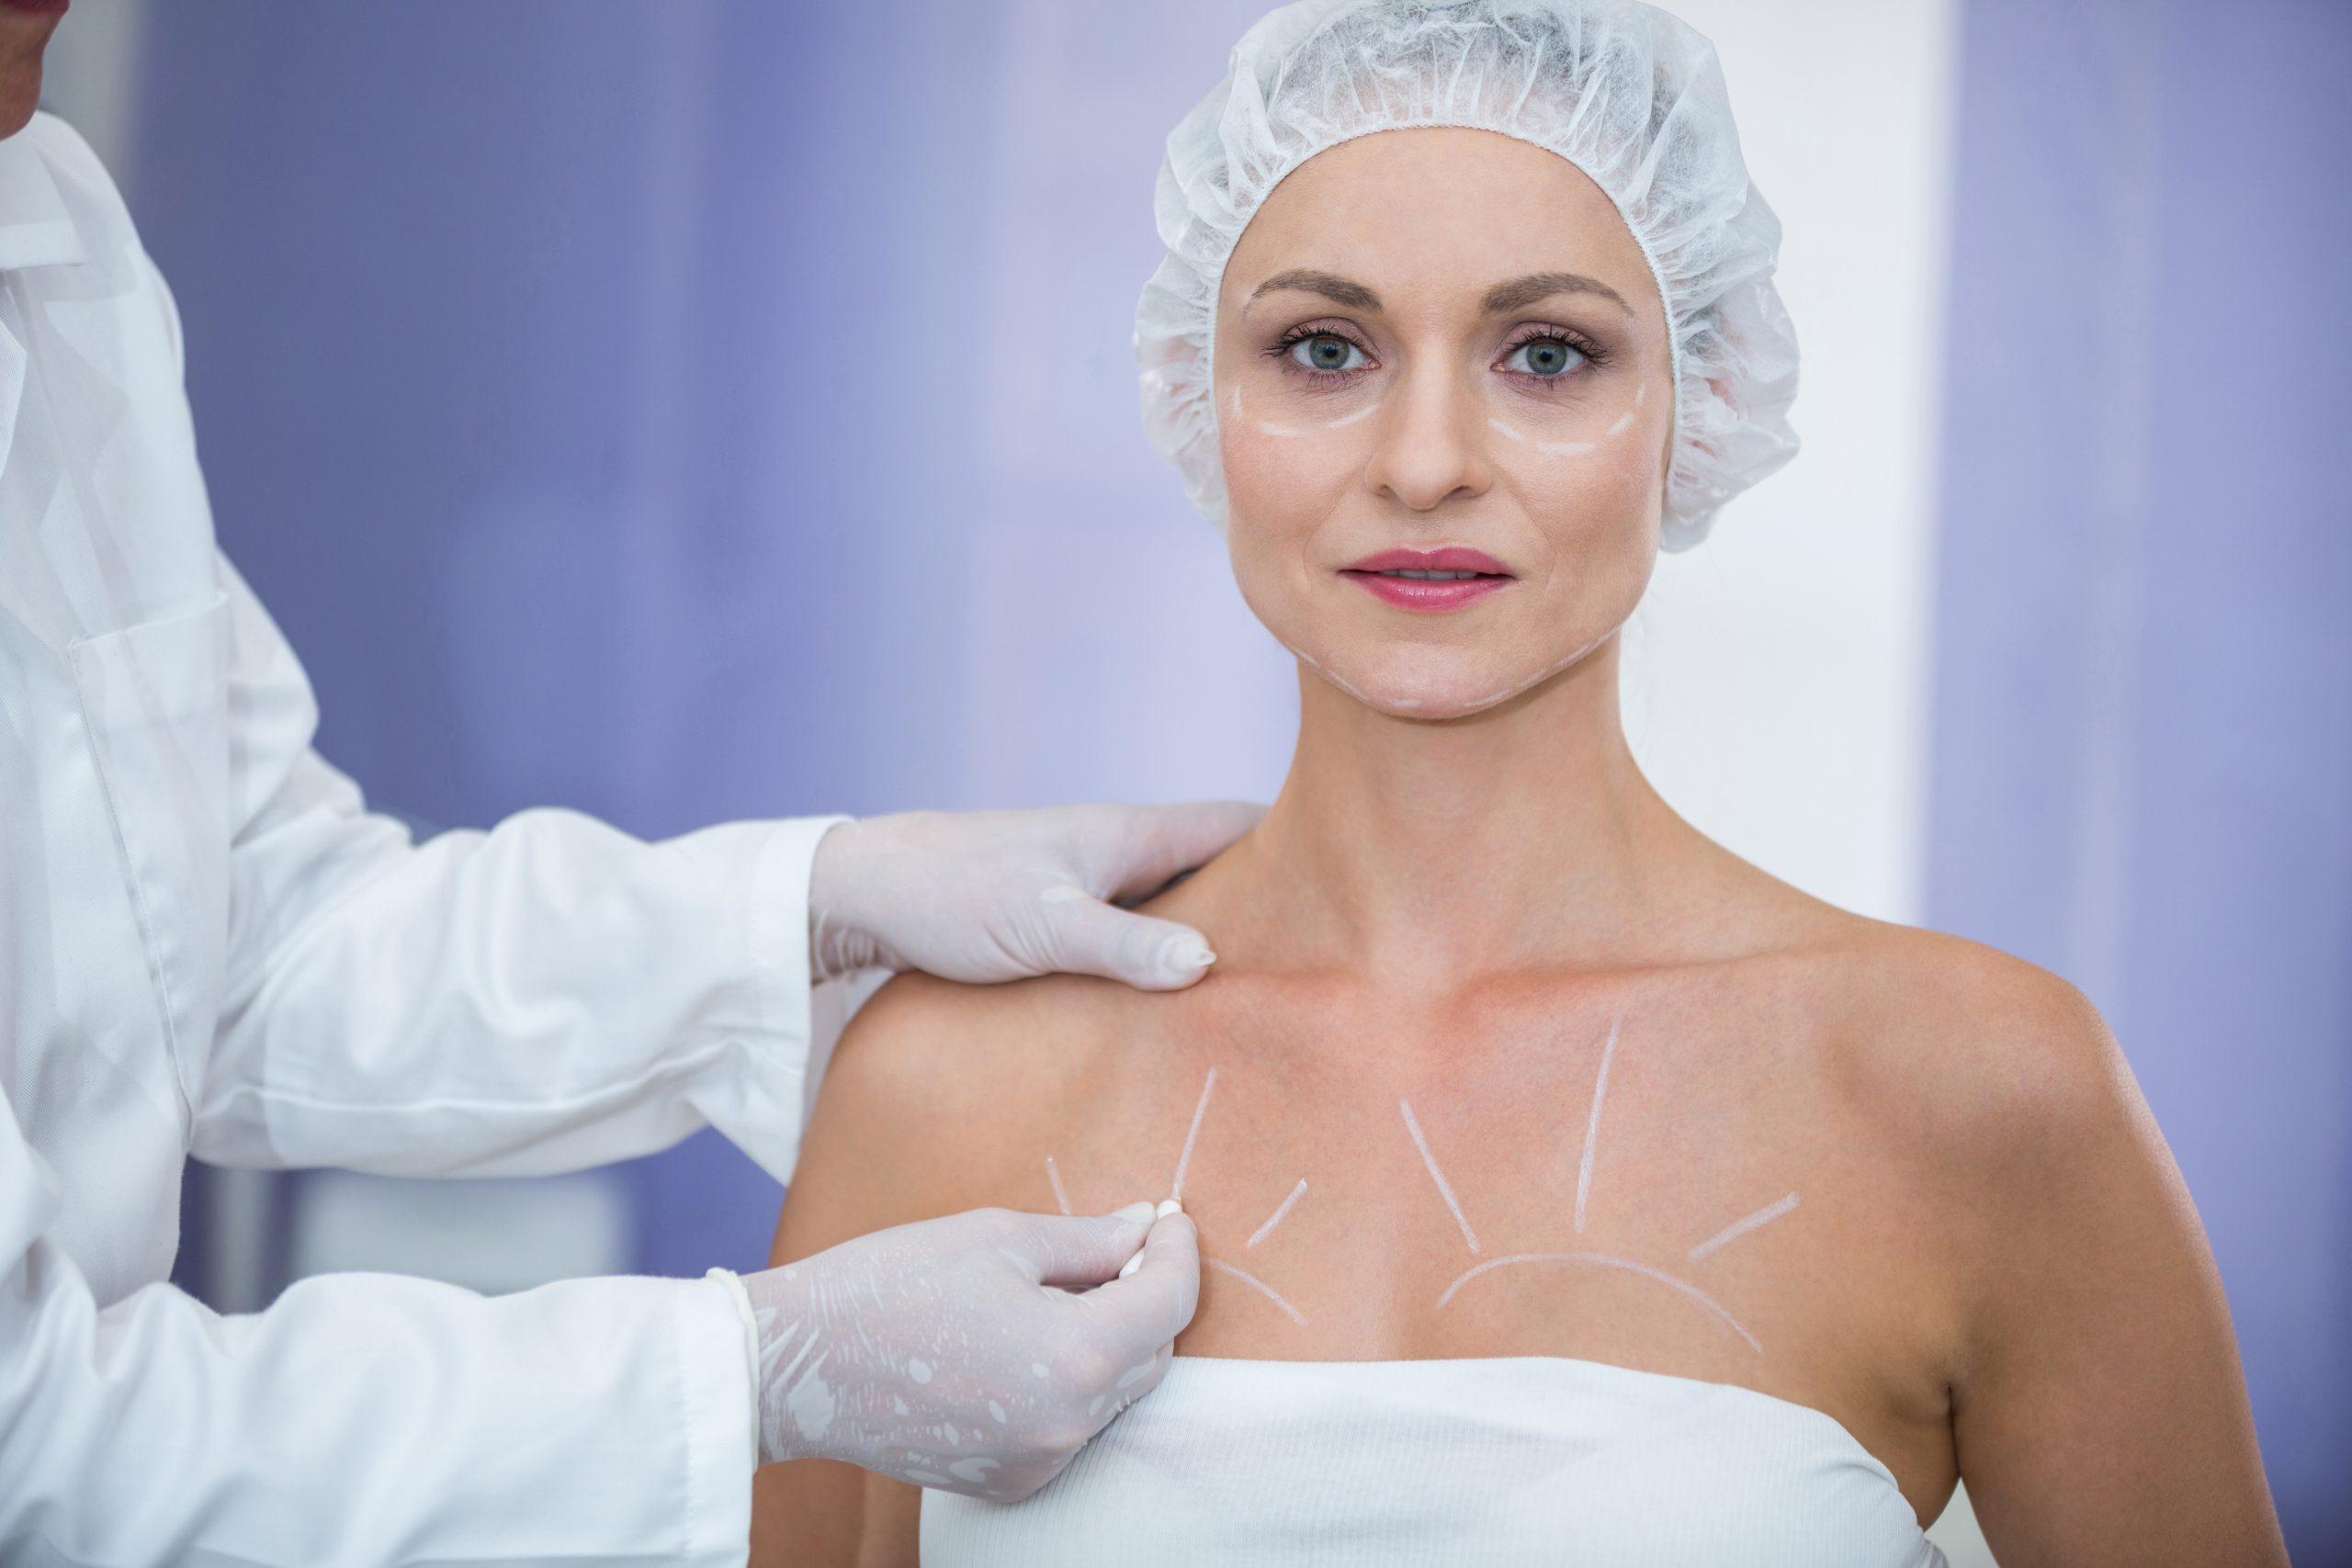 Los mejores tratamientos estéticos para eliminarlas